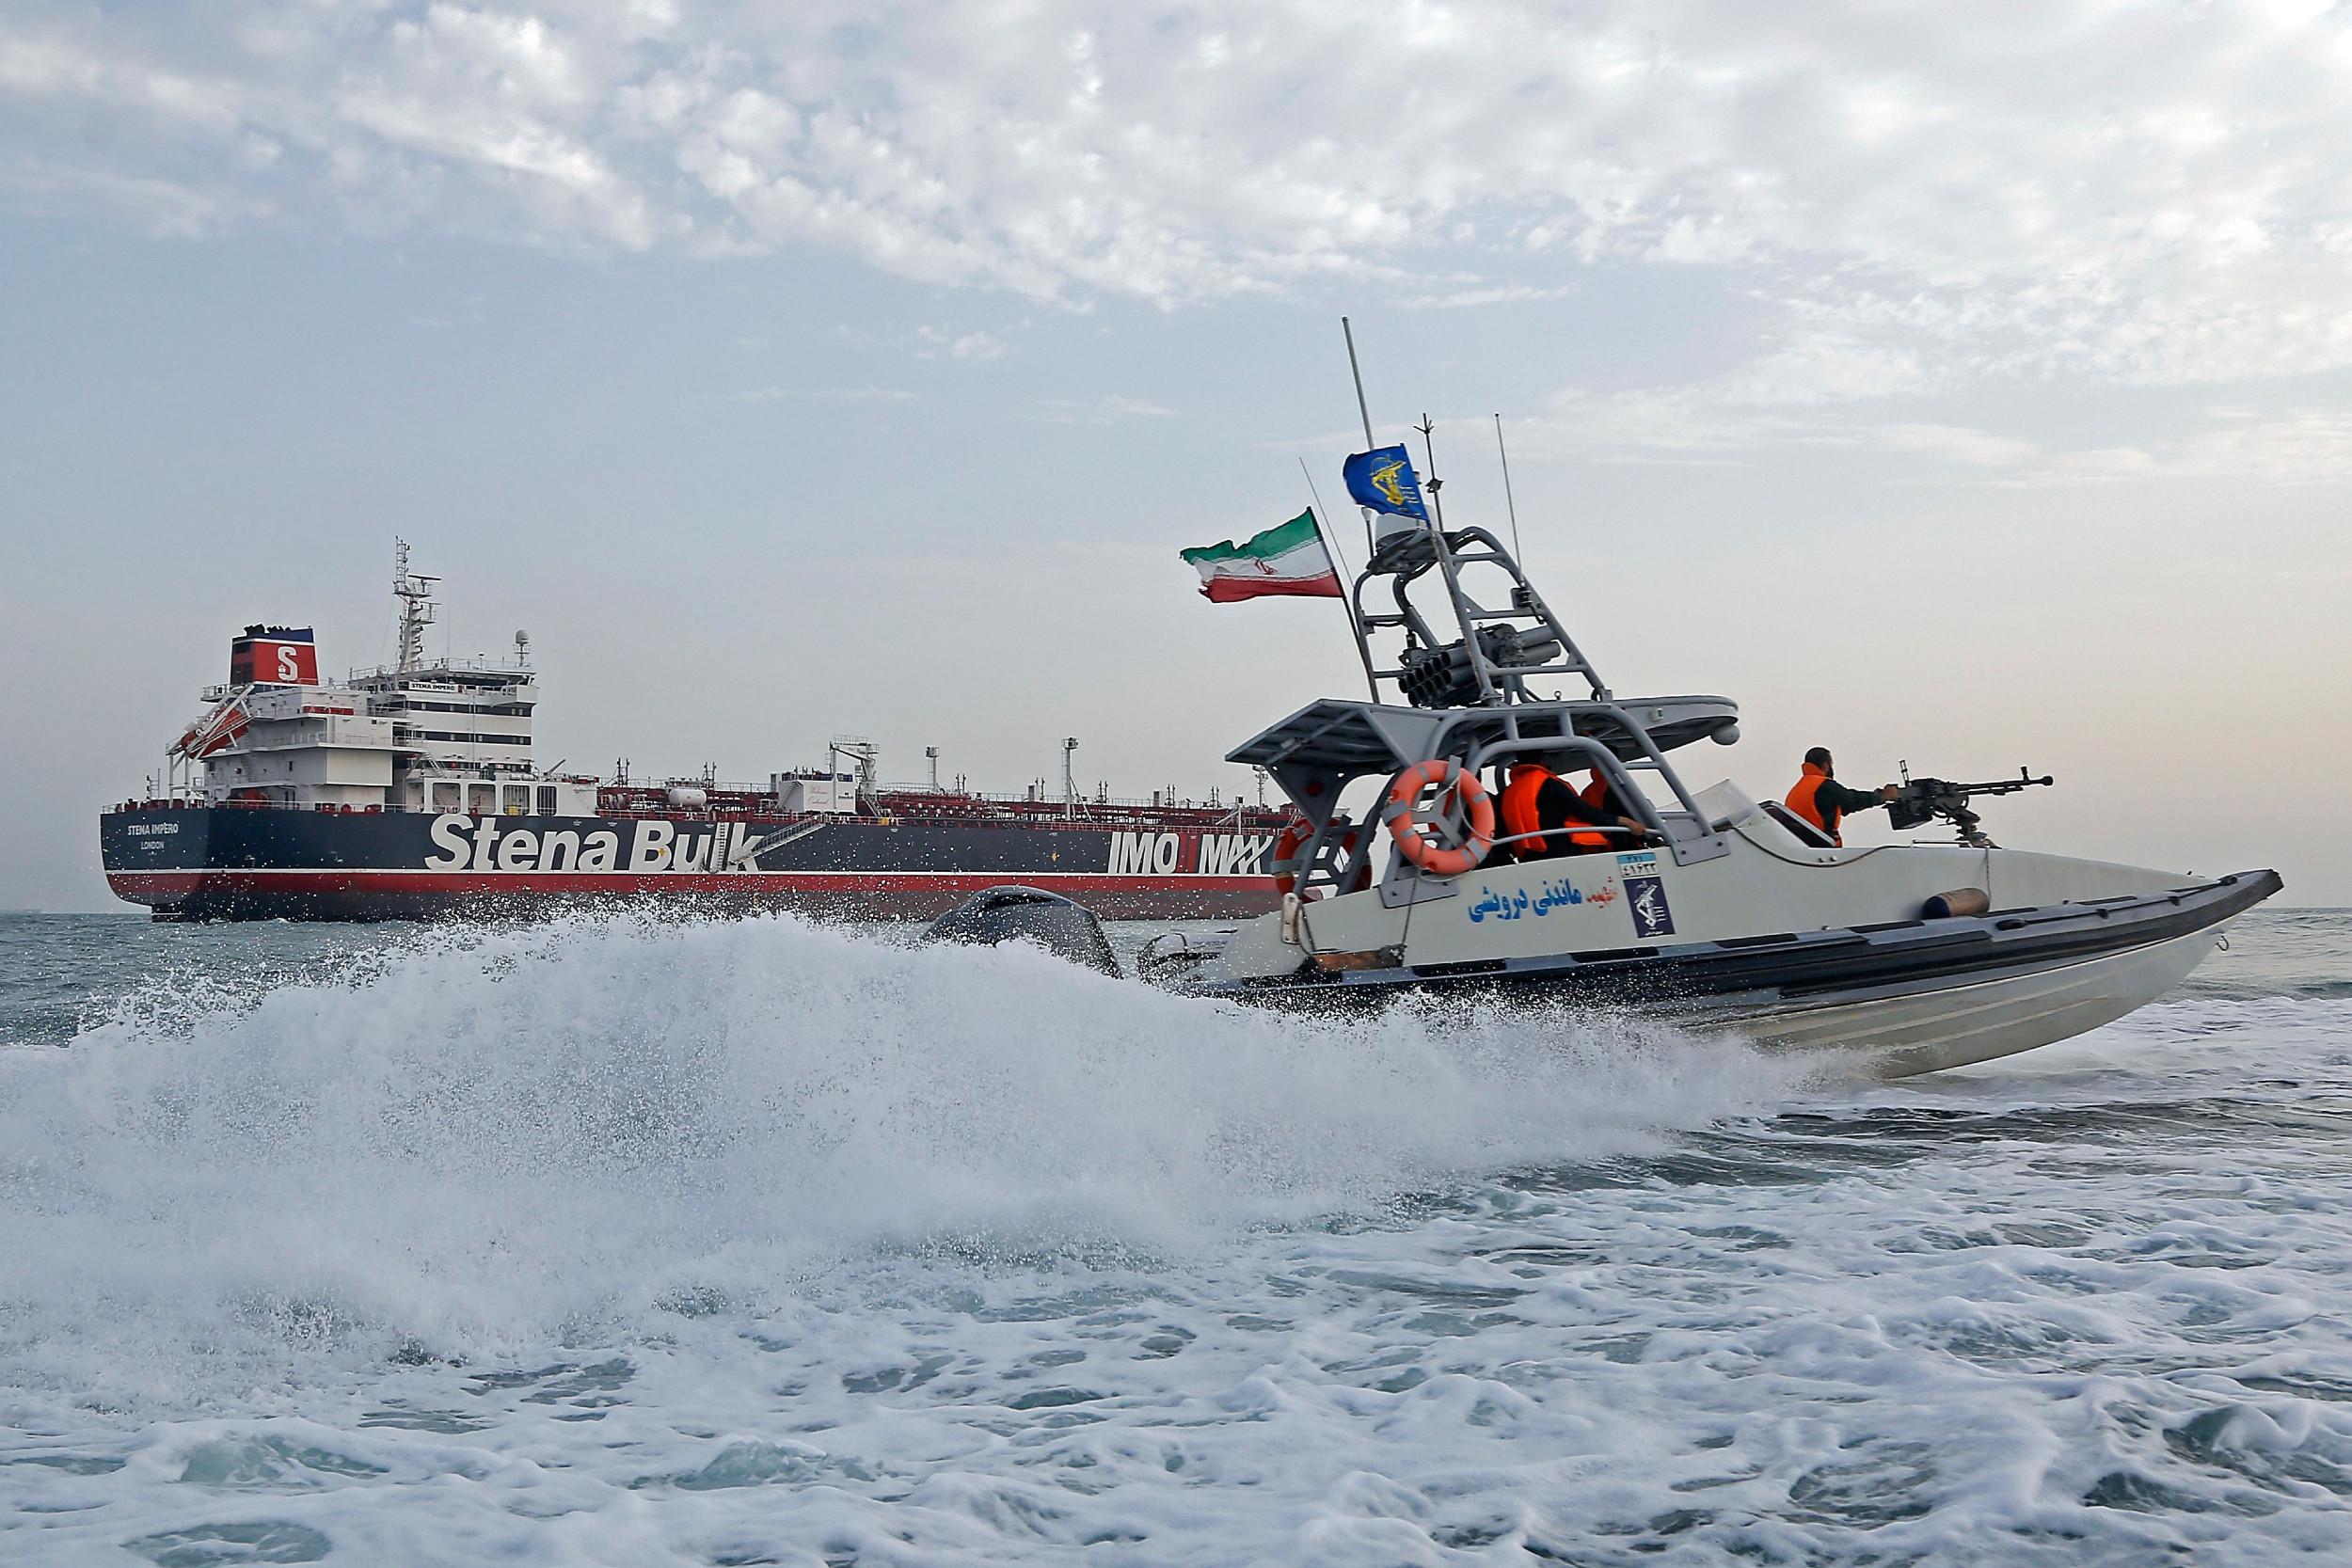 Pripadnici Iranske revolucionarne garde patroliraju u blizini zadržanog britanskog tankera za prevoz nafte u Ormuskom moreuzu, 21. jul 2019. (Foto: Hasan Shirvani/MIZAN NEWS AGENCY/AFP/Getty Images)